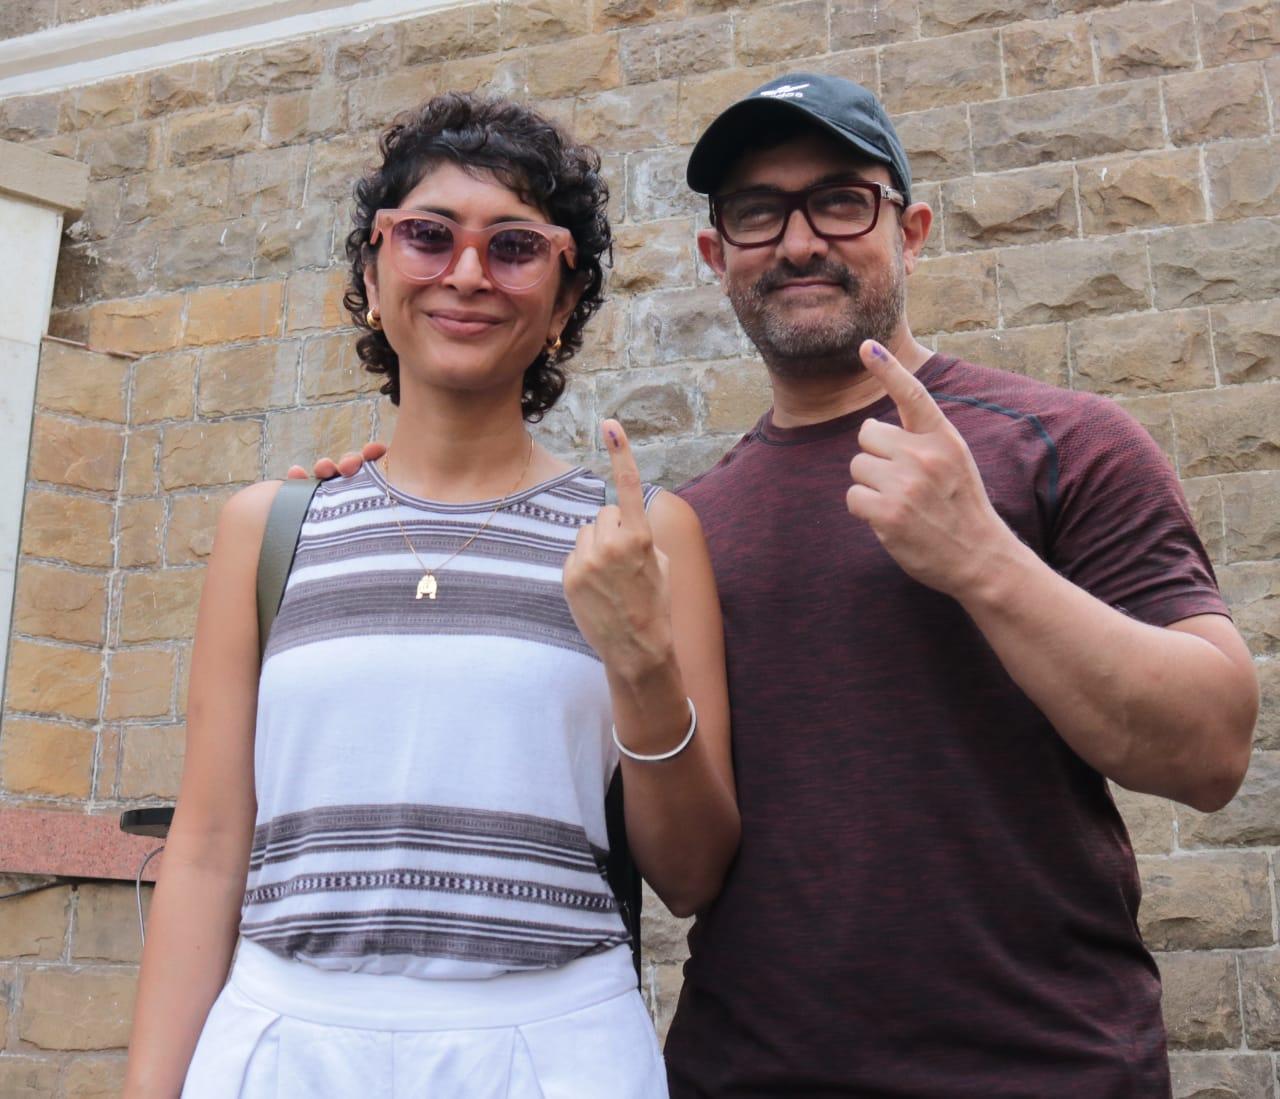 अभिनेता आमिर खान आणि त्याची पत्नी किरन राव या दोघांनी मतदानाचा हक्क बजावला.